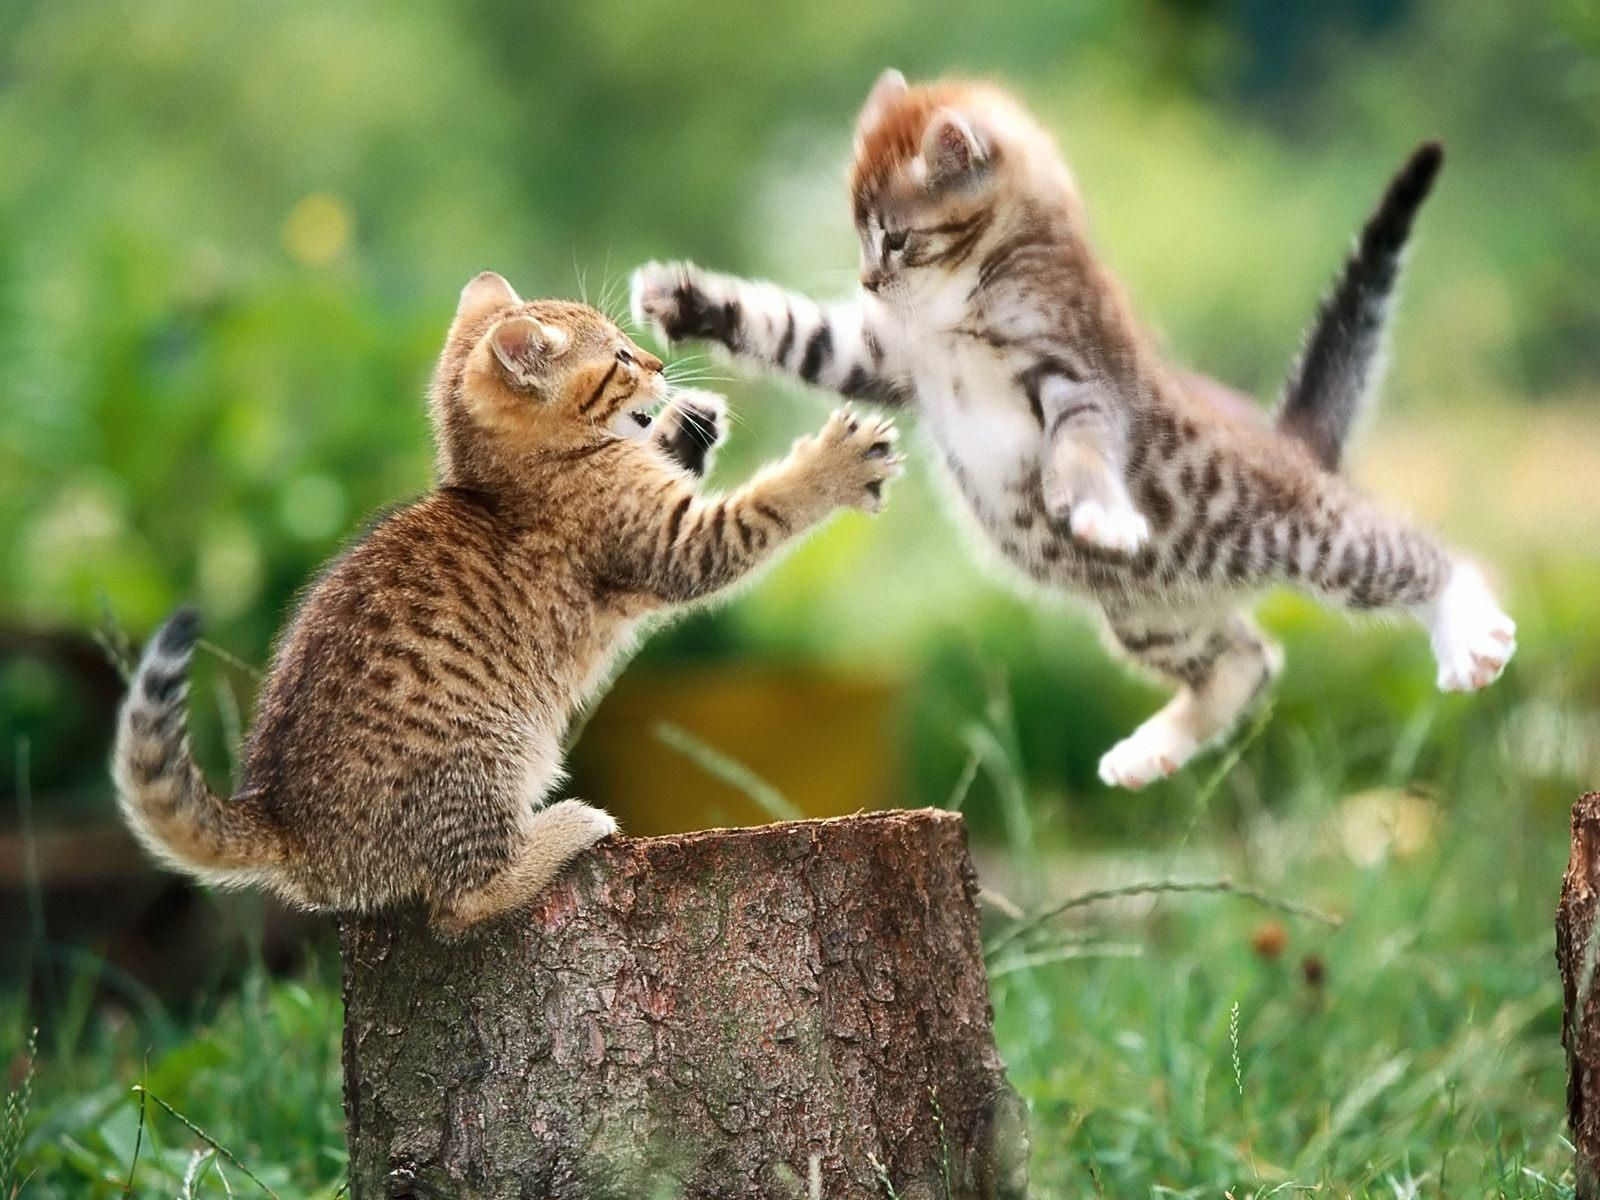 10 Grands Fonds D Ecran Pour De Petits Chatons Fonds D Ecran Gratuits By Unesourisetmoi Image Chat Animaux Cute Kittens